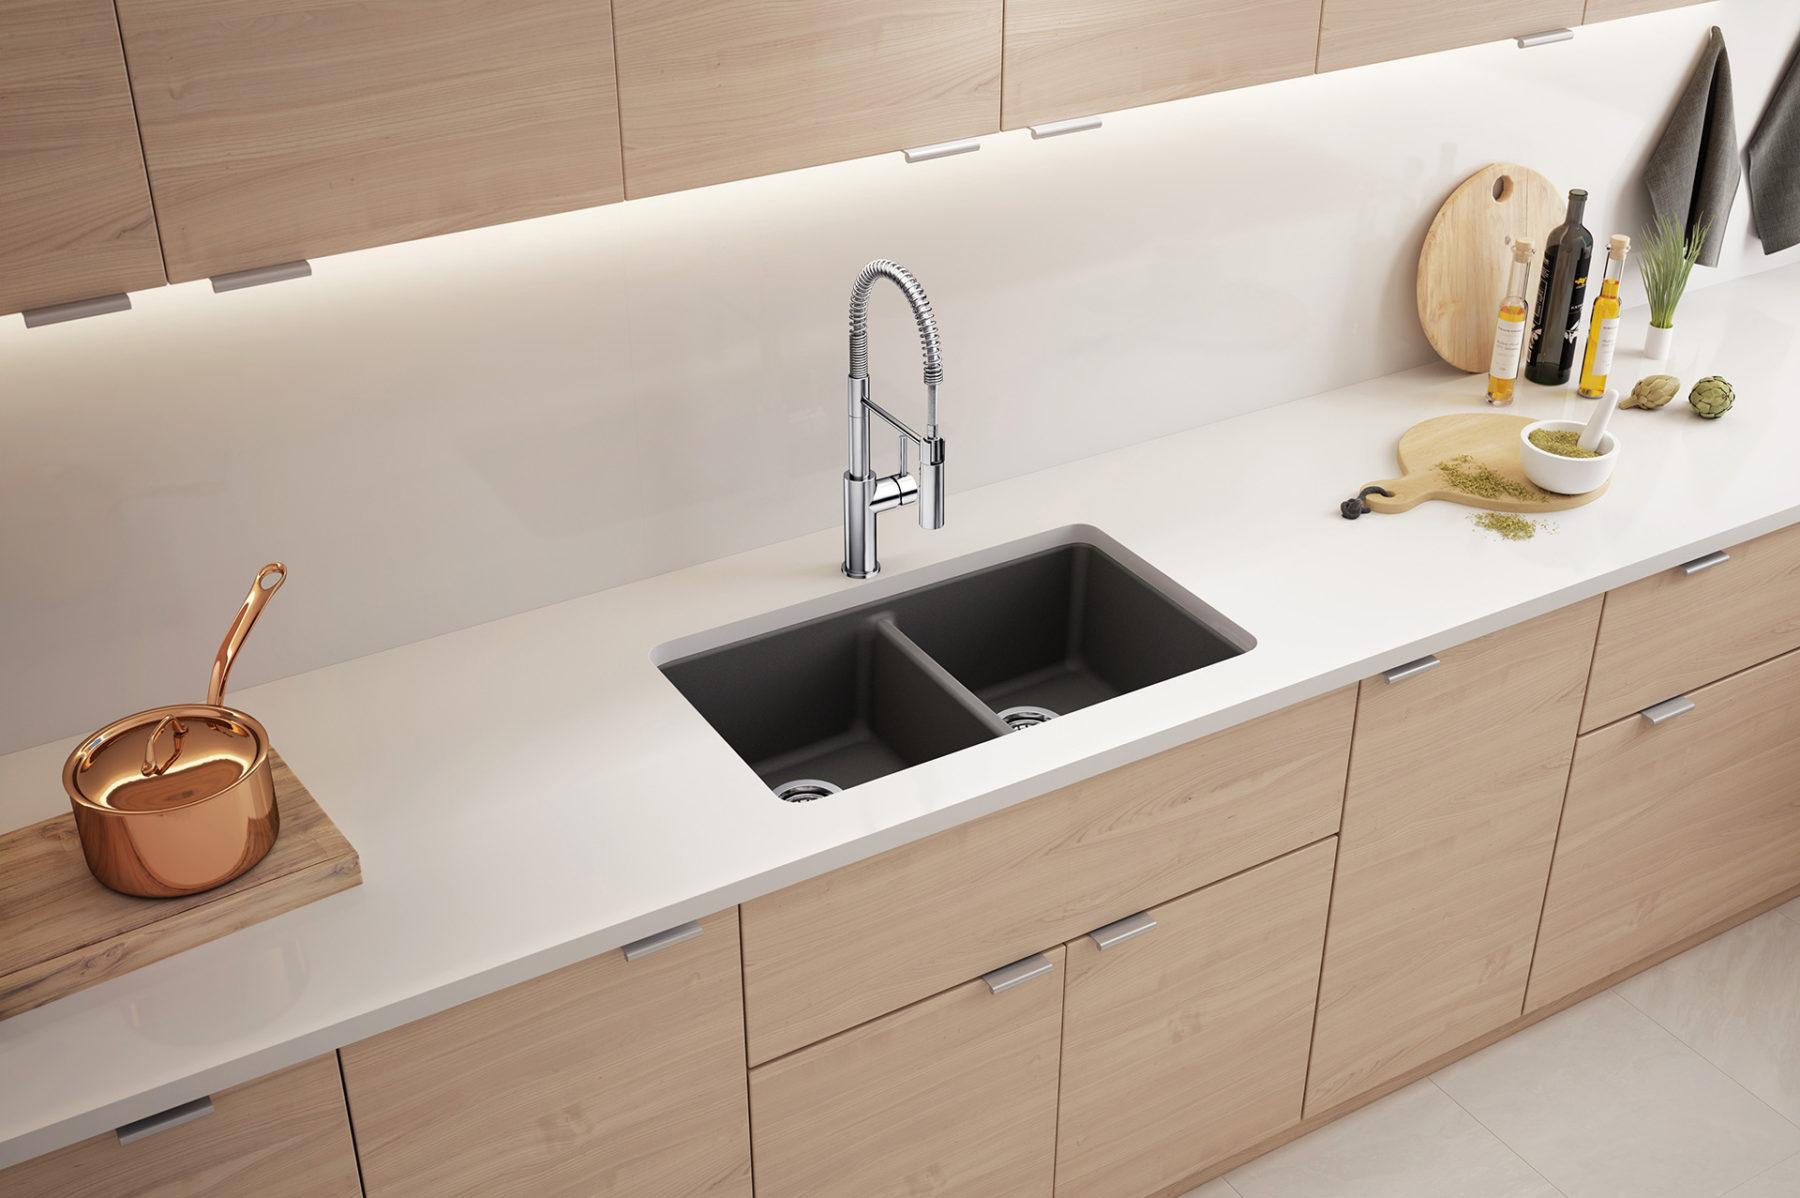 3d rendering animation studio white kitchen sink